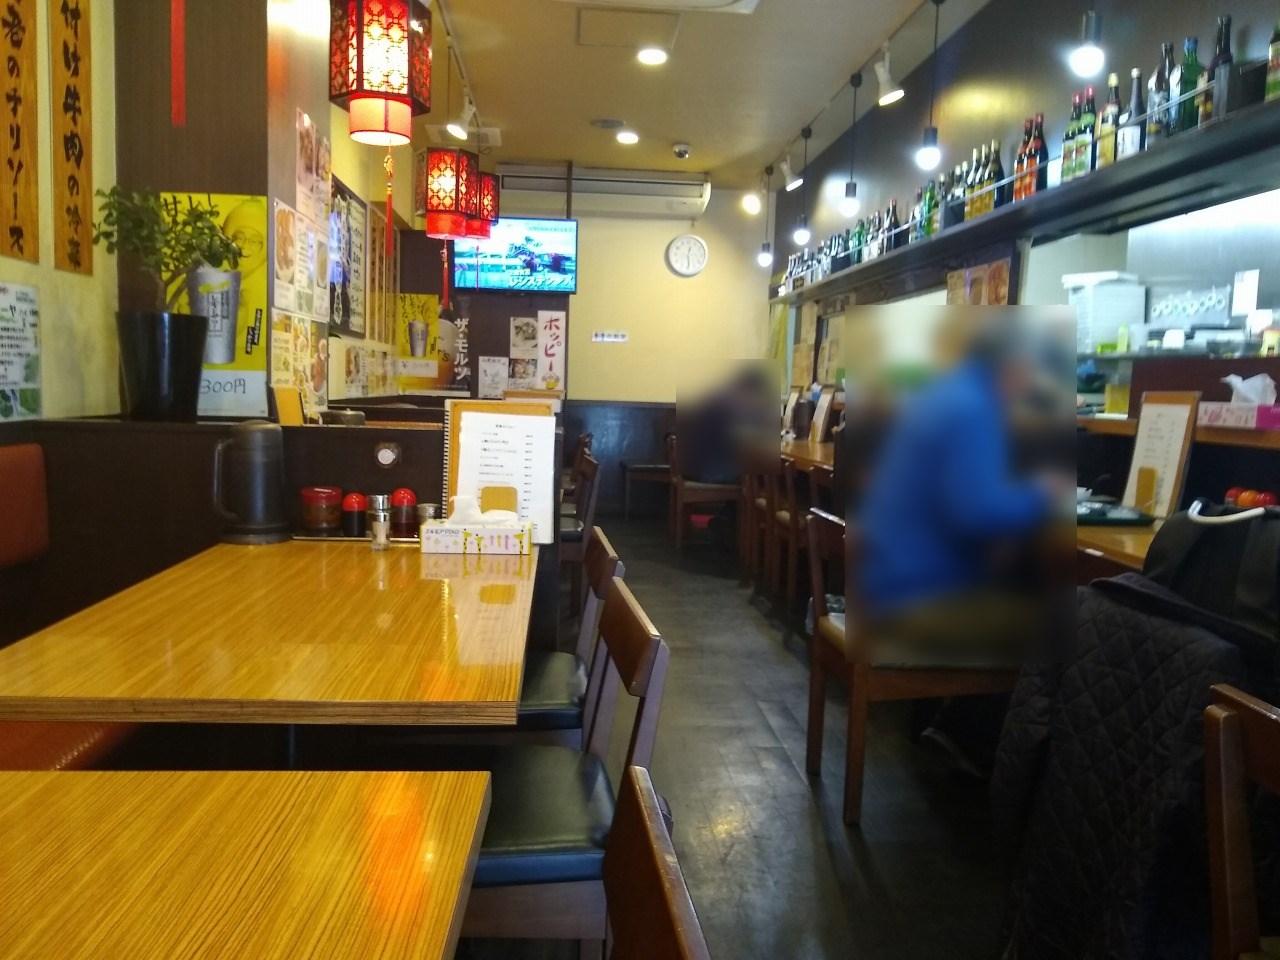 山東厨房店内